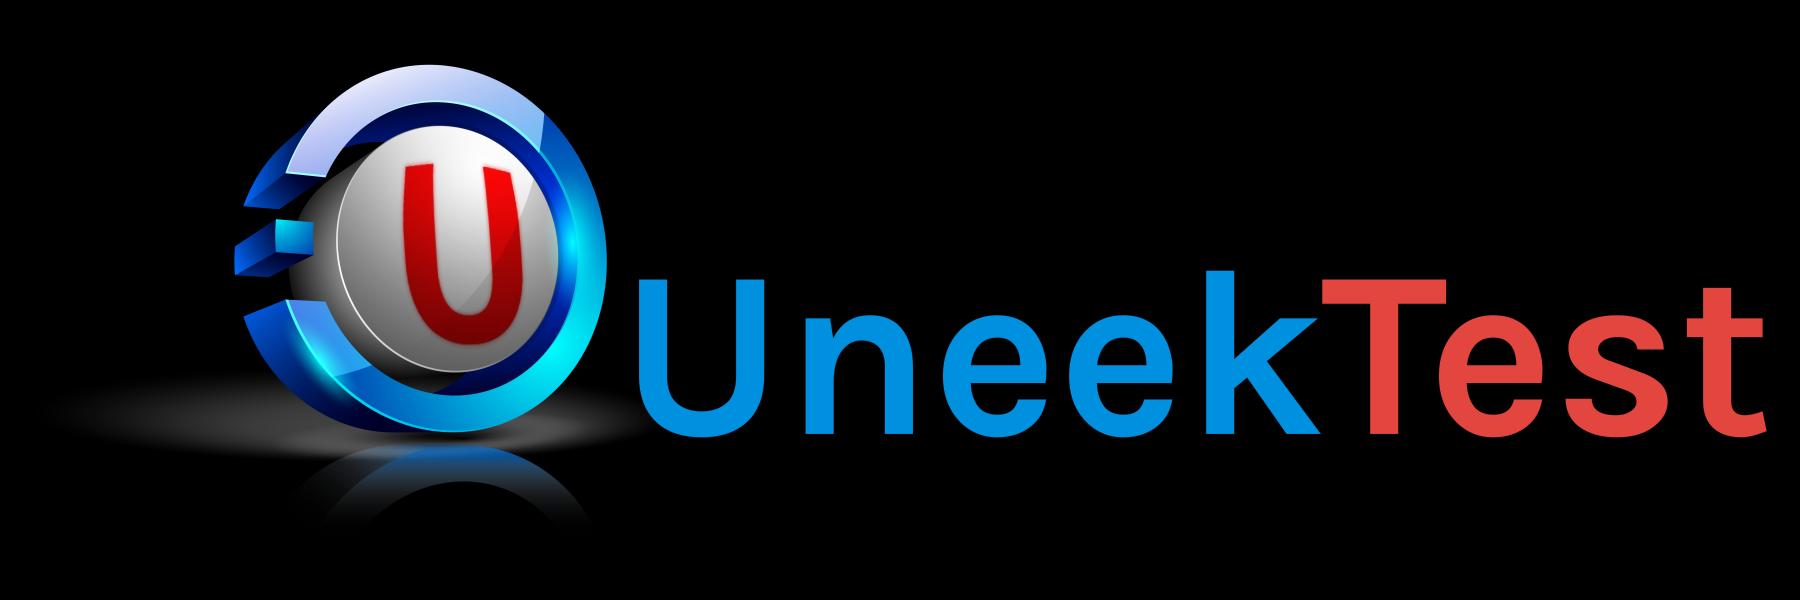 UneekTest-Logo-2020-v2